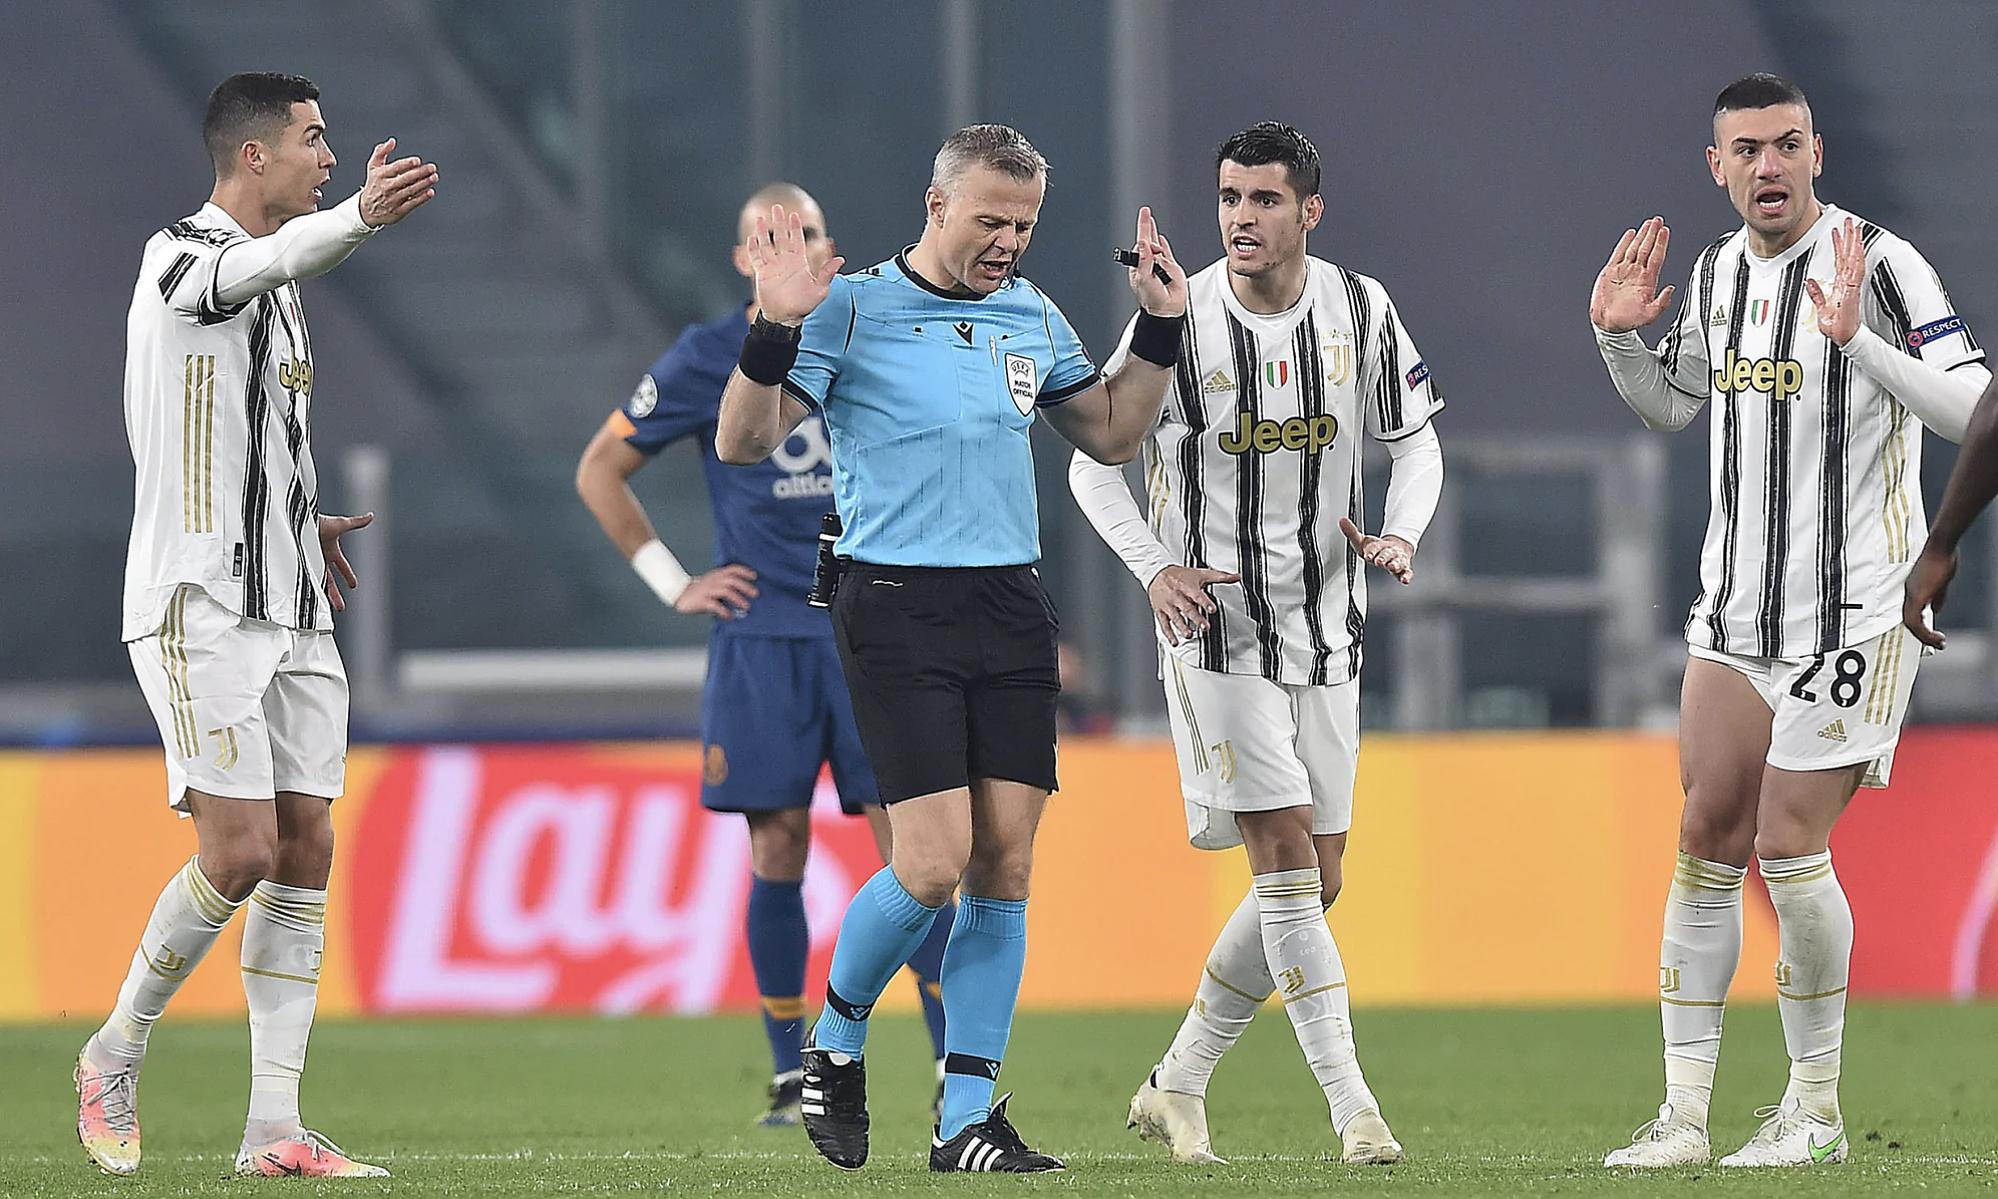 Juventus gây áp lực, khiến trọng tài phạt thẻ đỏ với Taremi. Ảnh: ANSA.